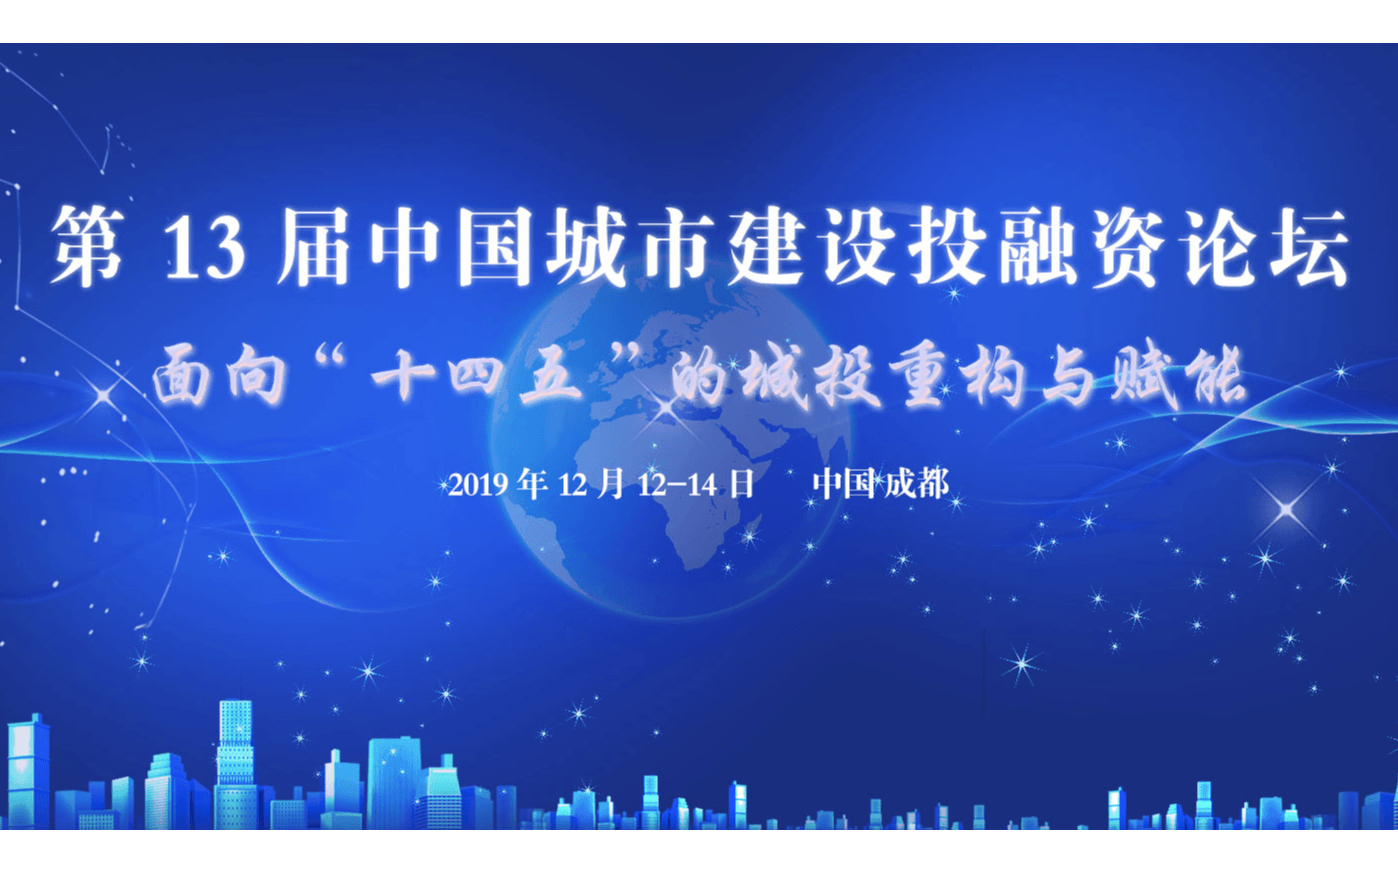 2019第13届中国城市建设投融资论坛(成都)